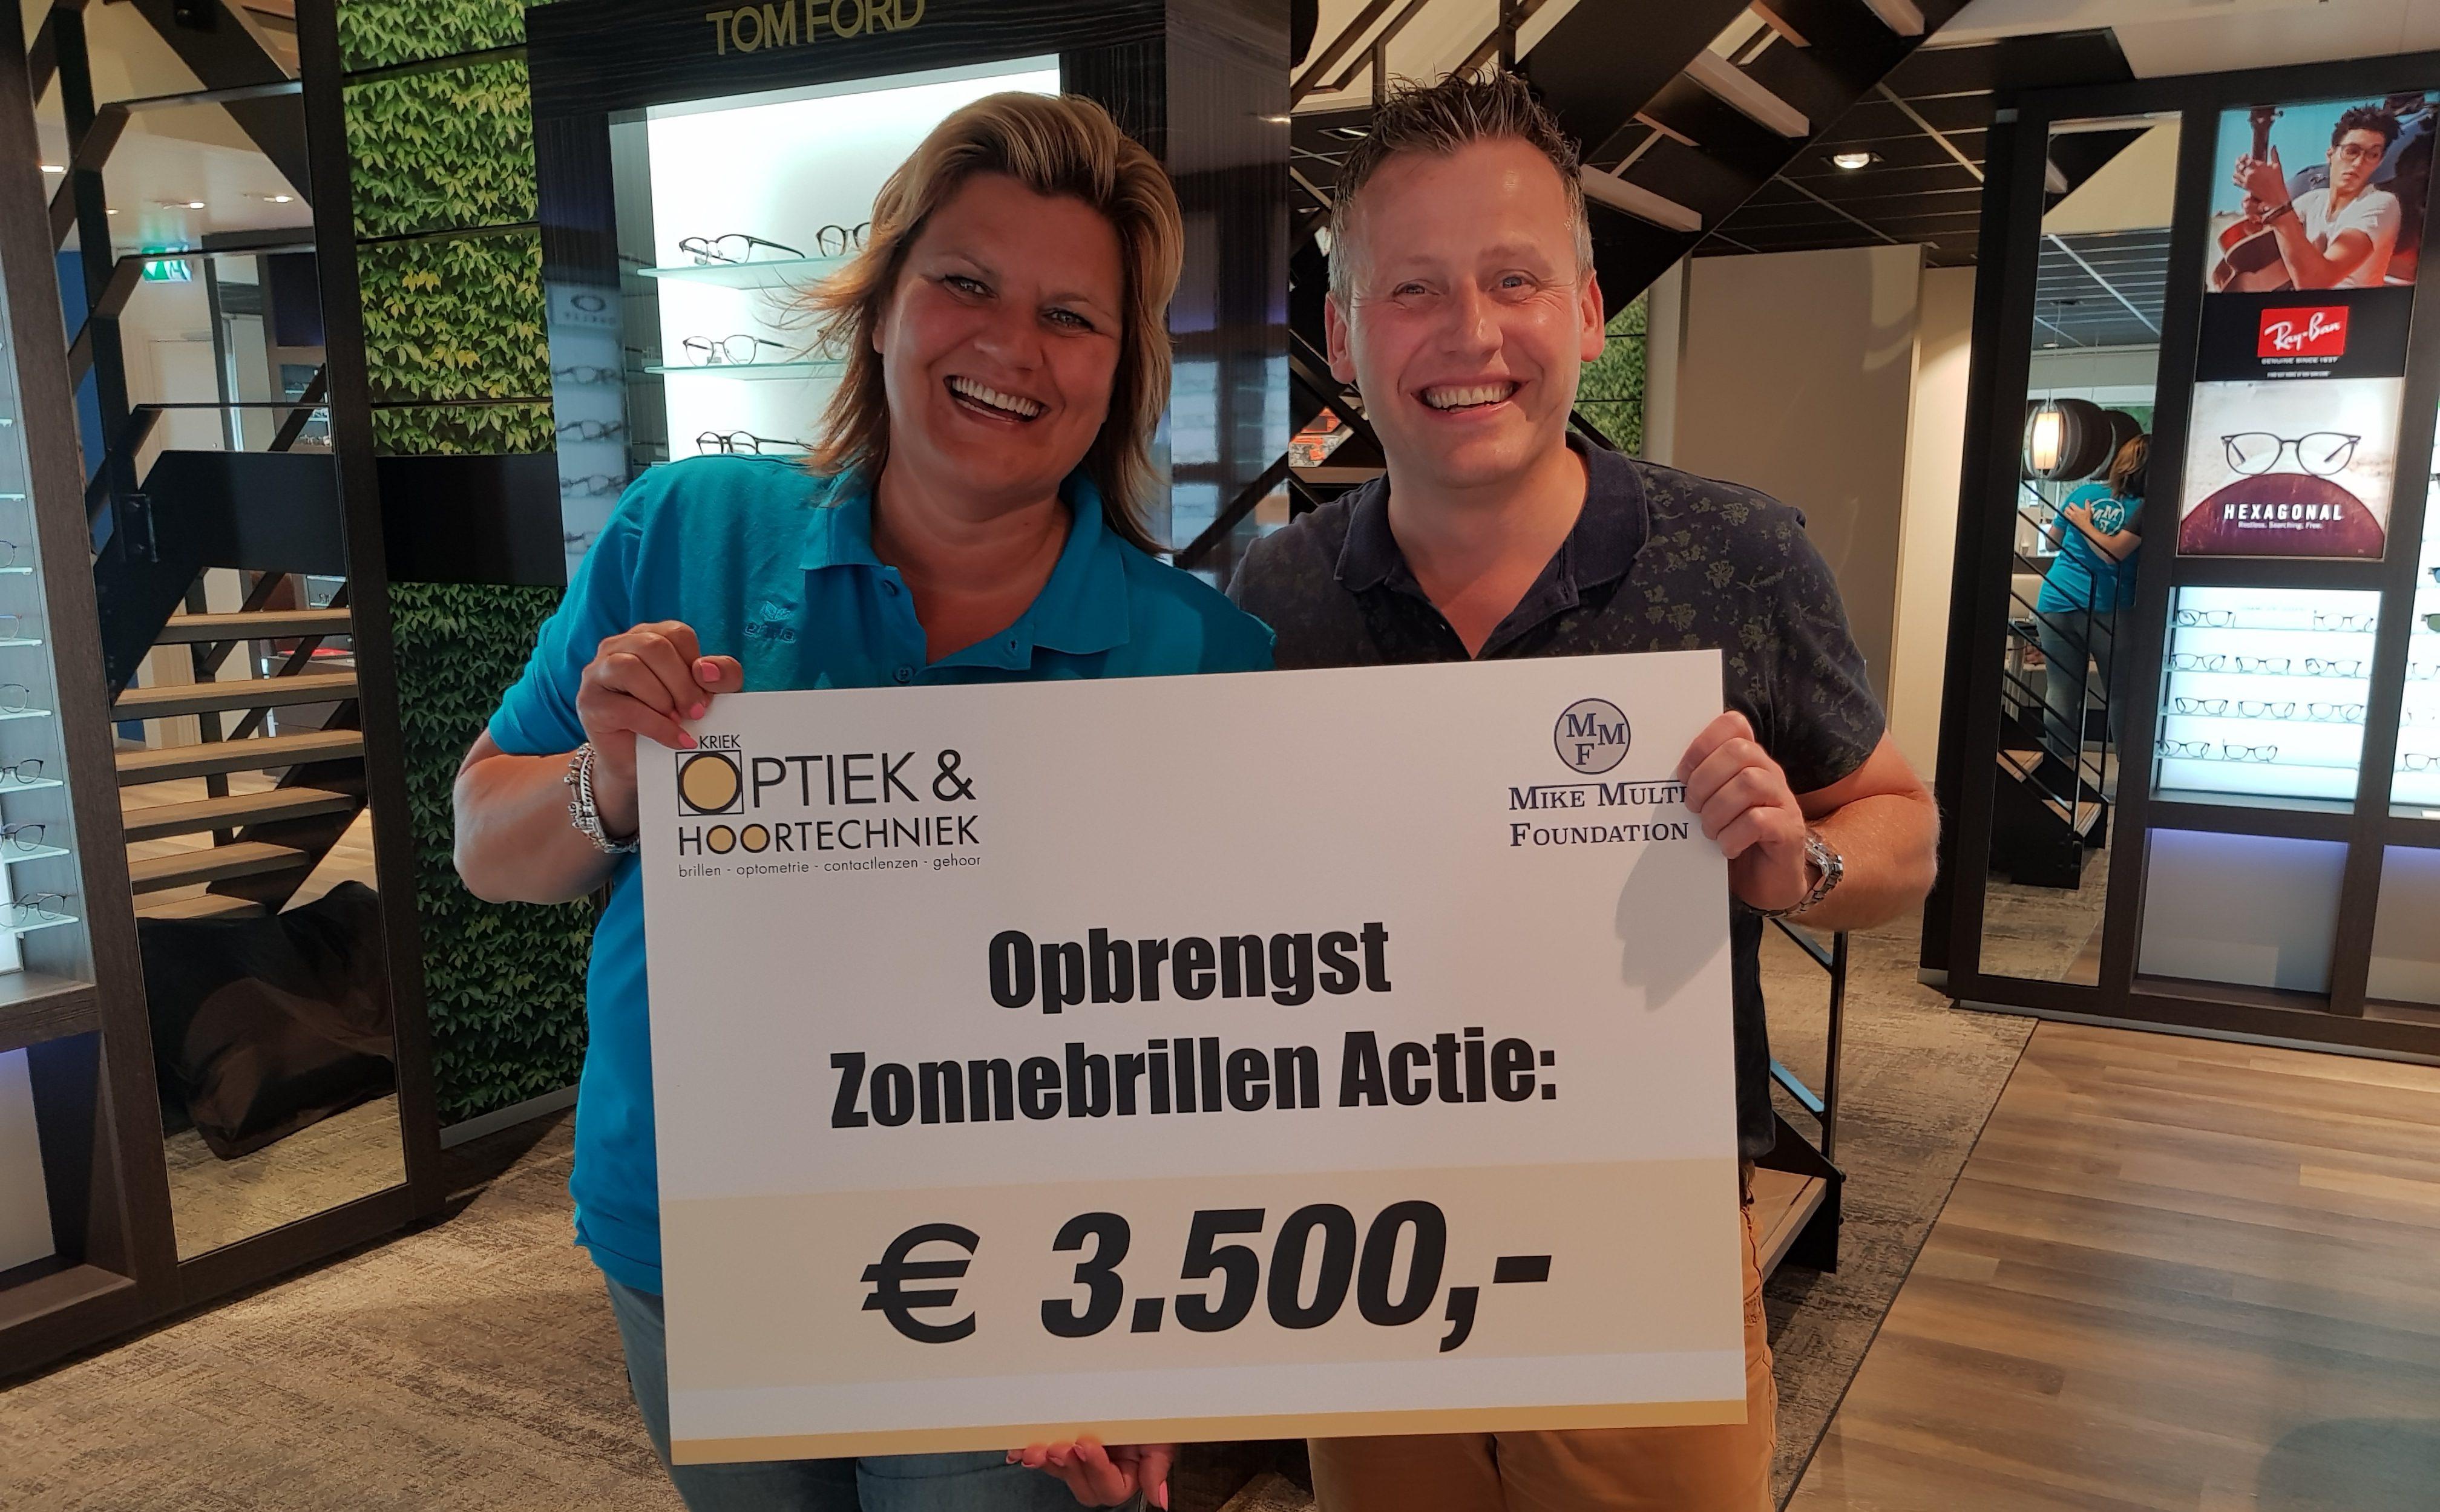 3.500 Euro voor MMF